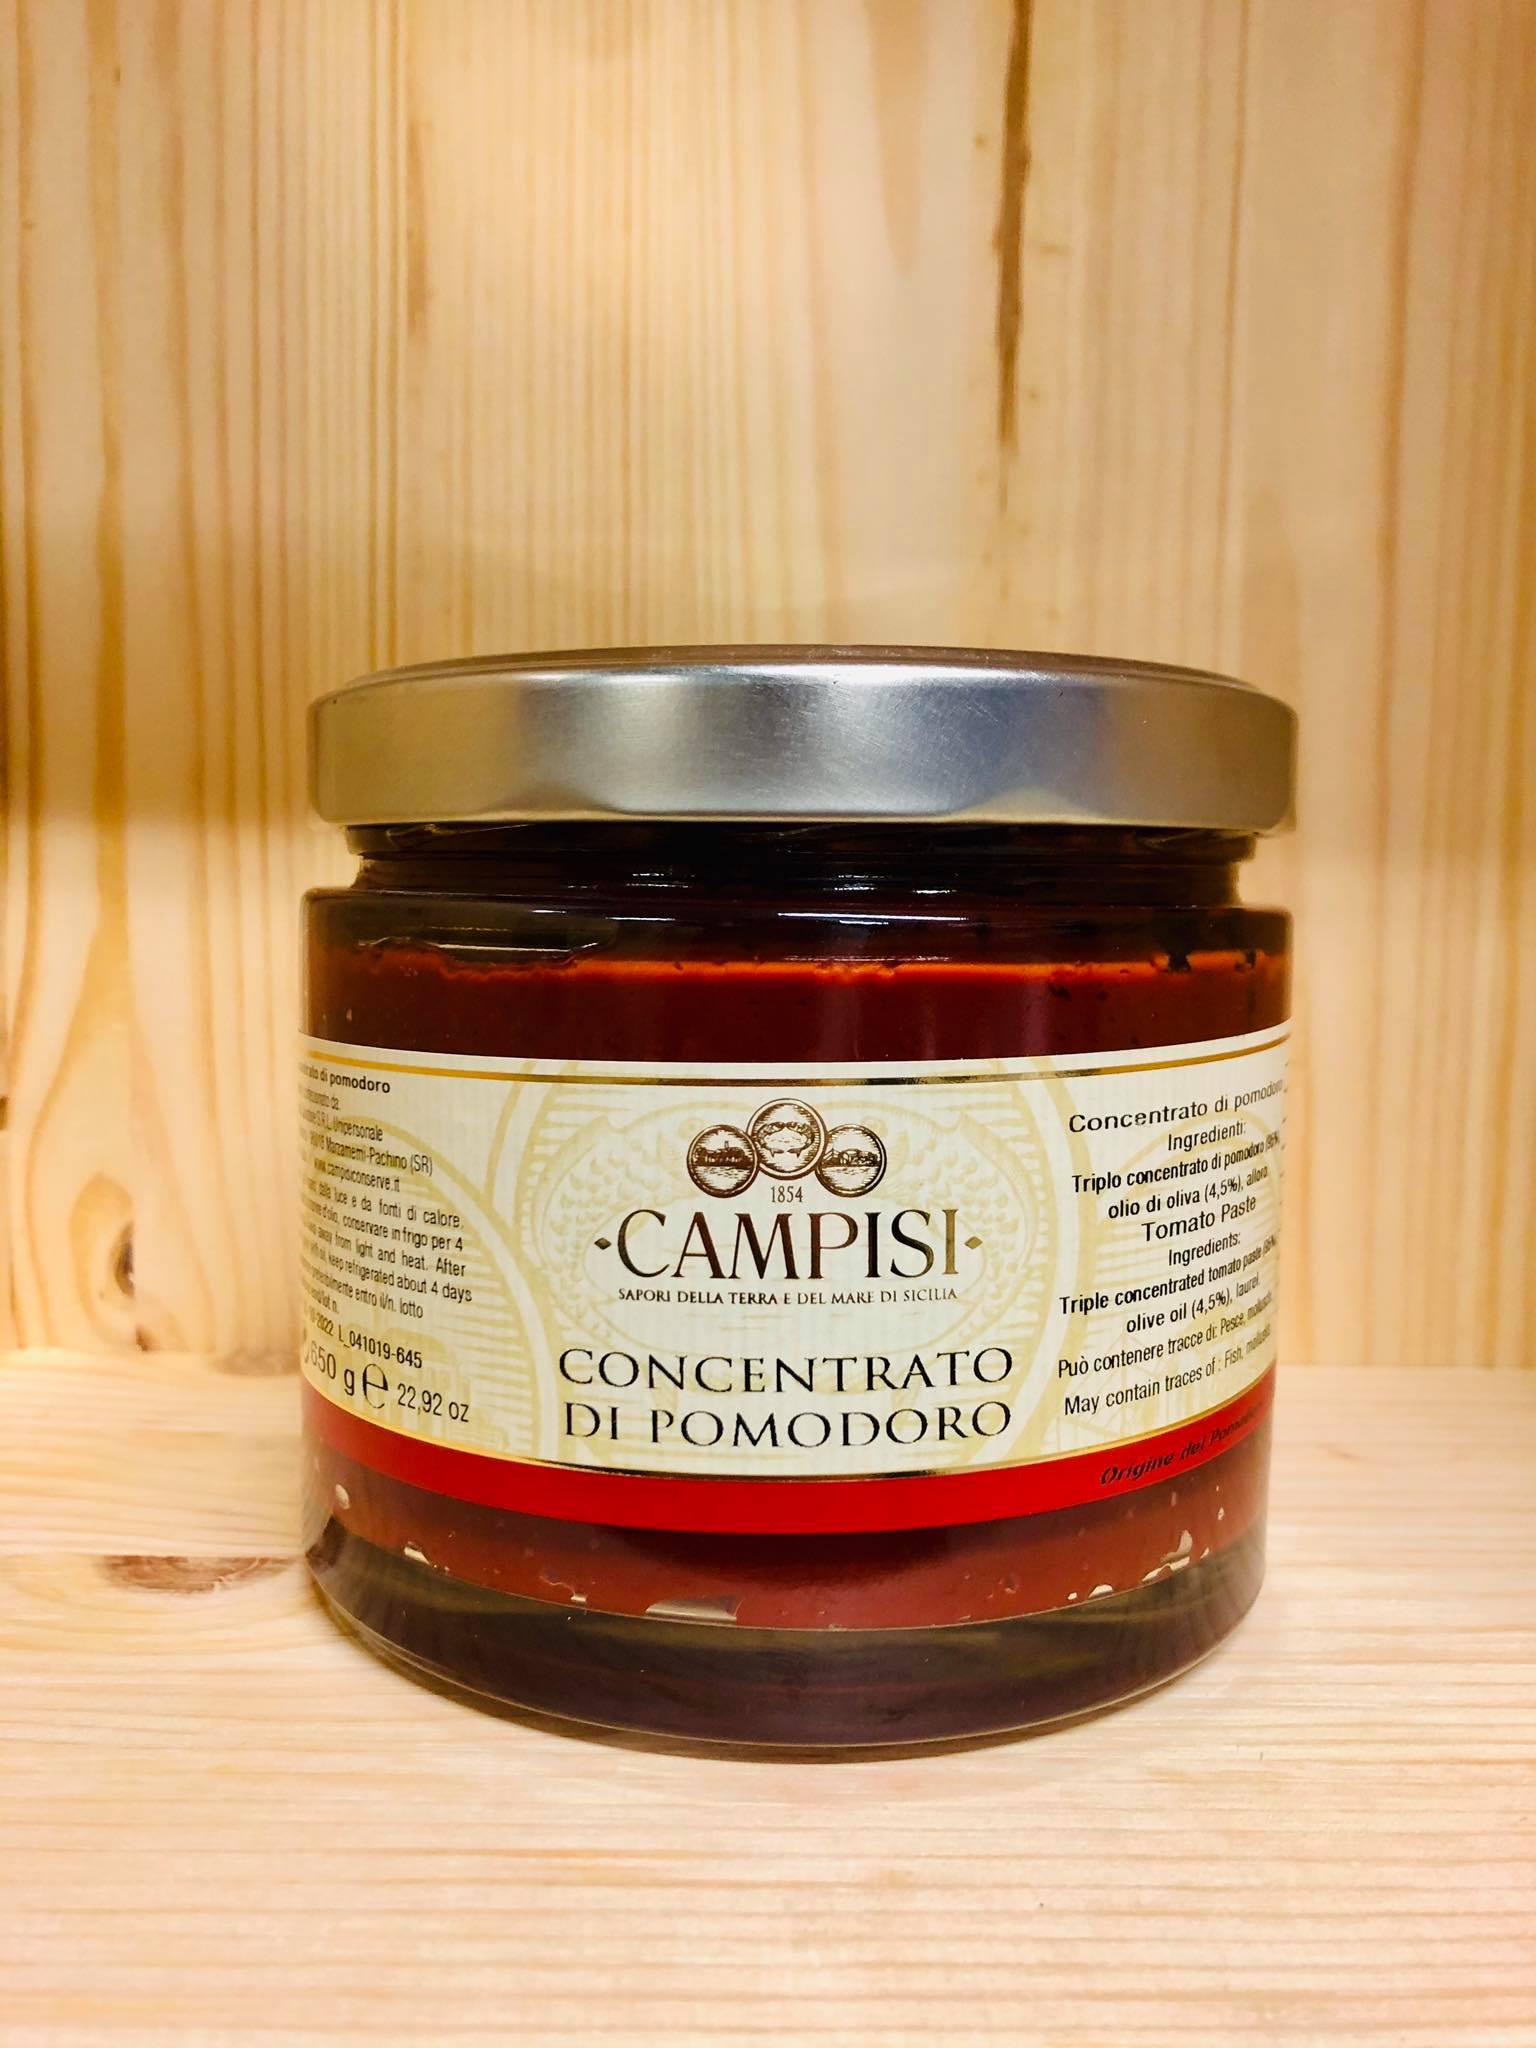 Concentrato di Pomodoro Ciliegino di Pachino - Campisi